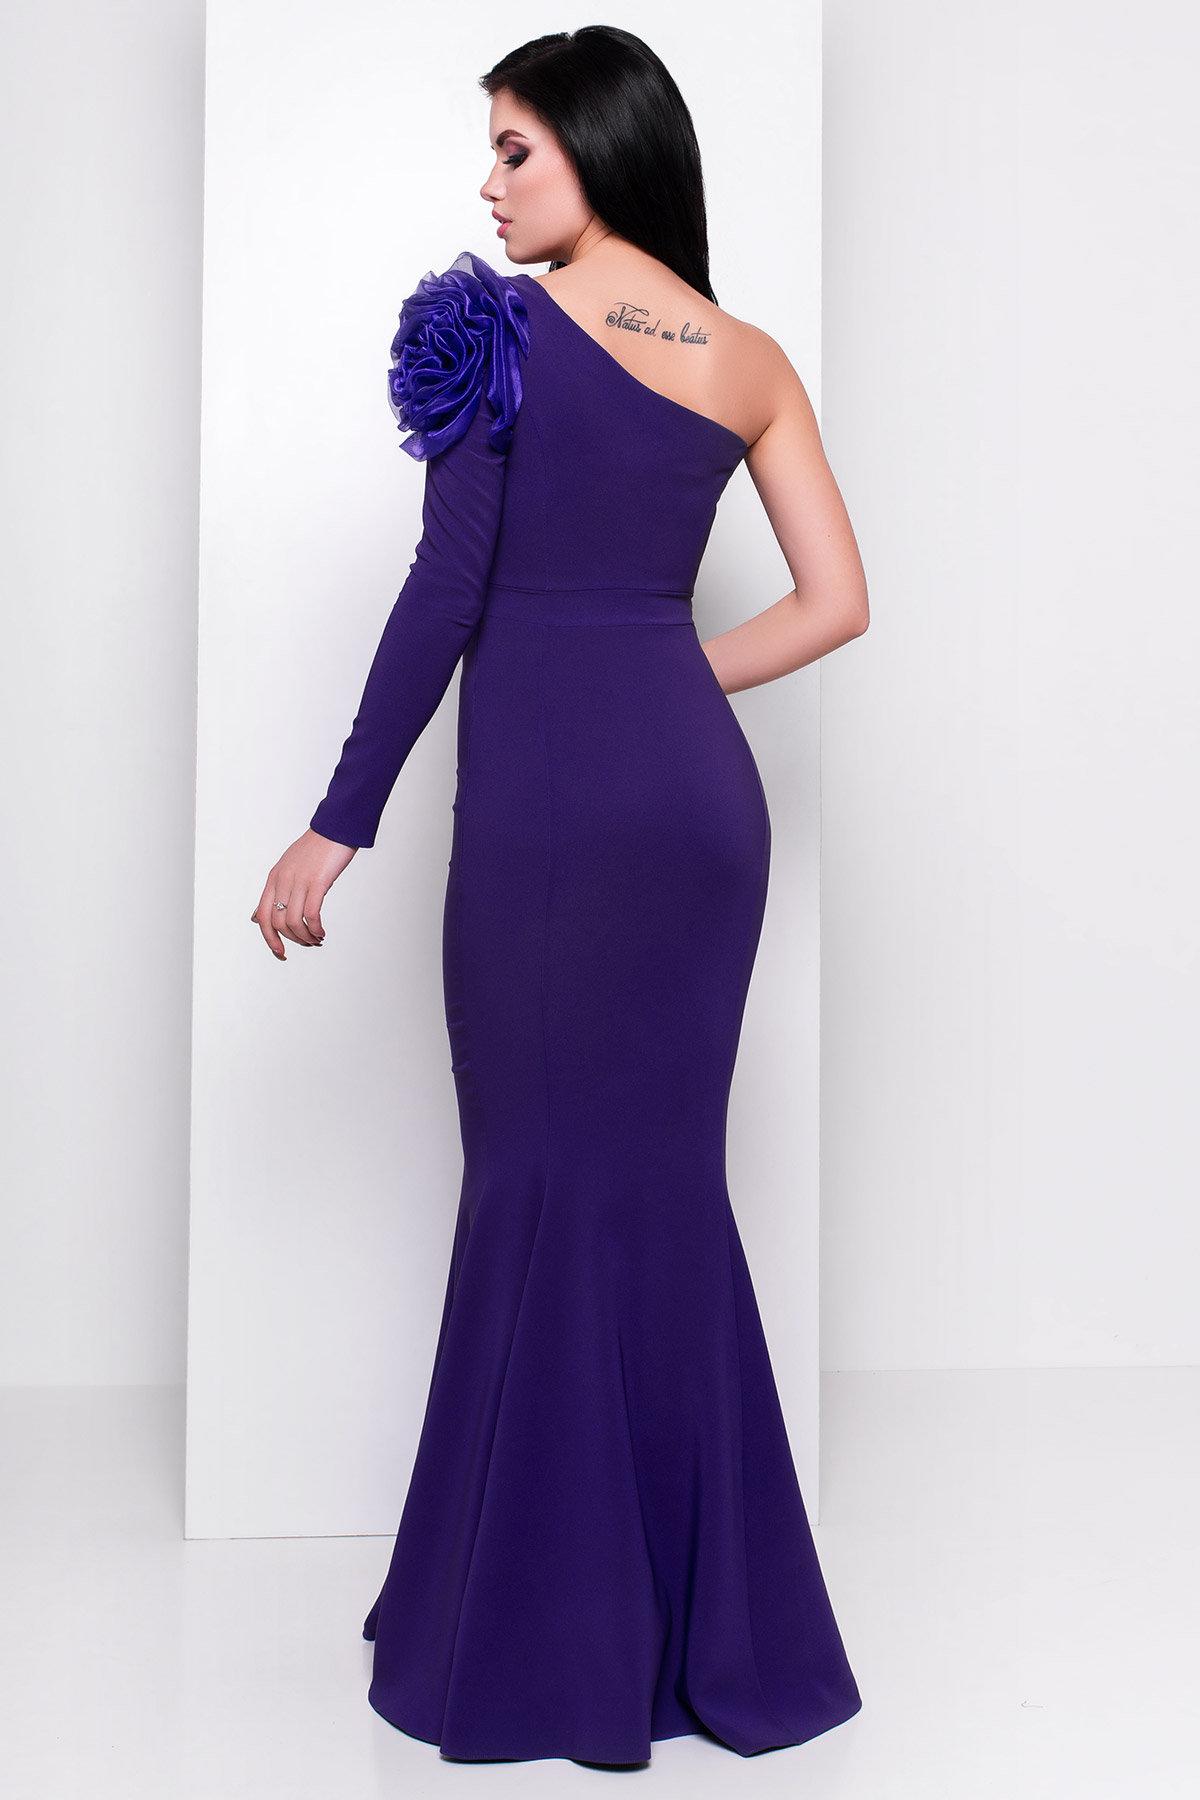 Платье Претти 409 АРТ. 6713 Цвет: Тёмный-фиолет - фото 2, интернет магазин tm-modus.ru